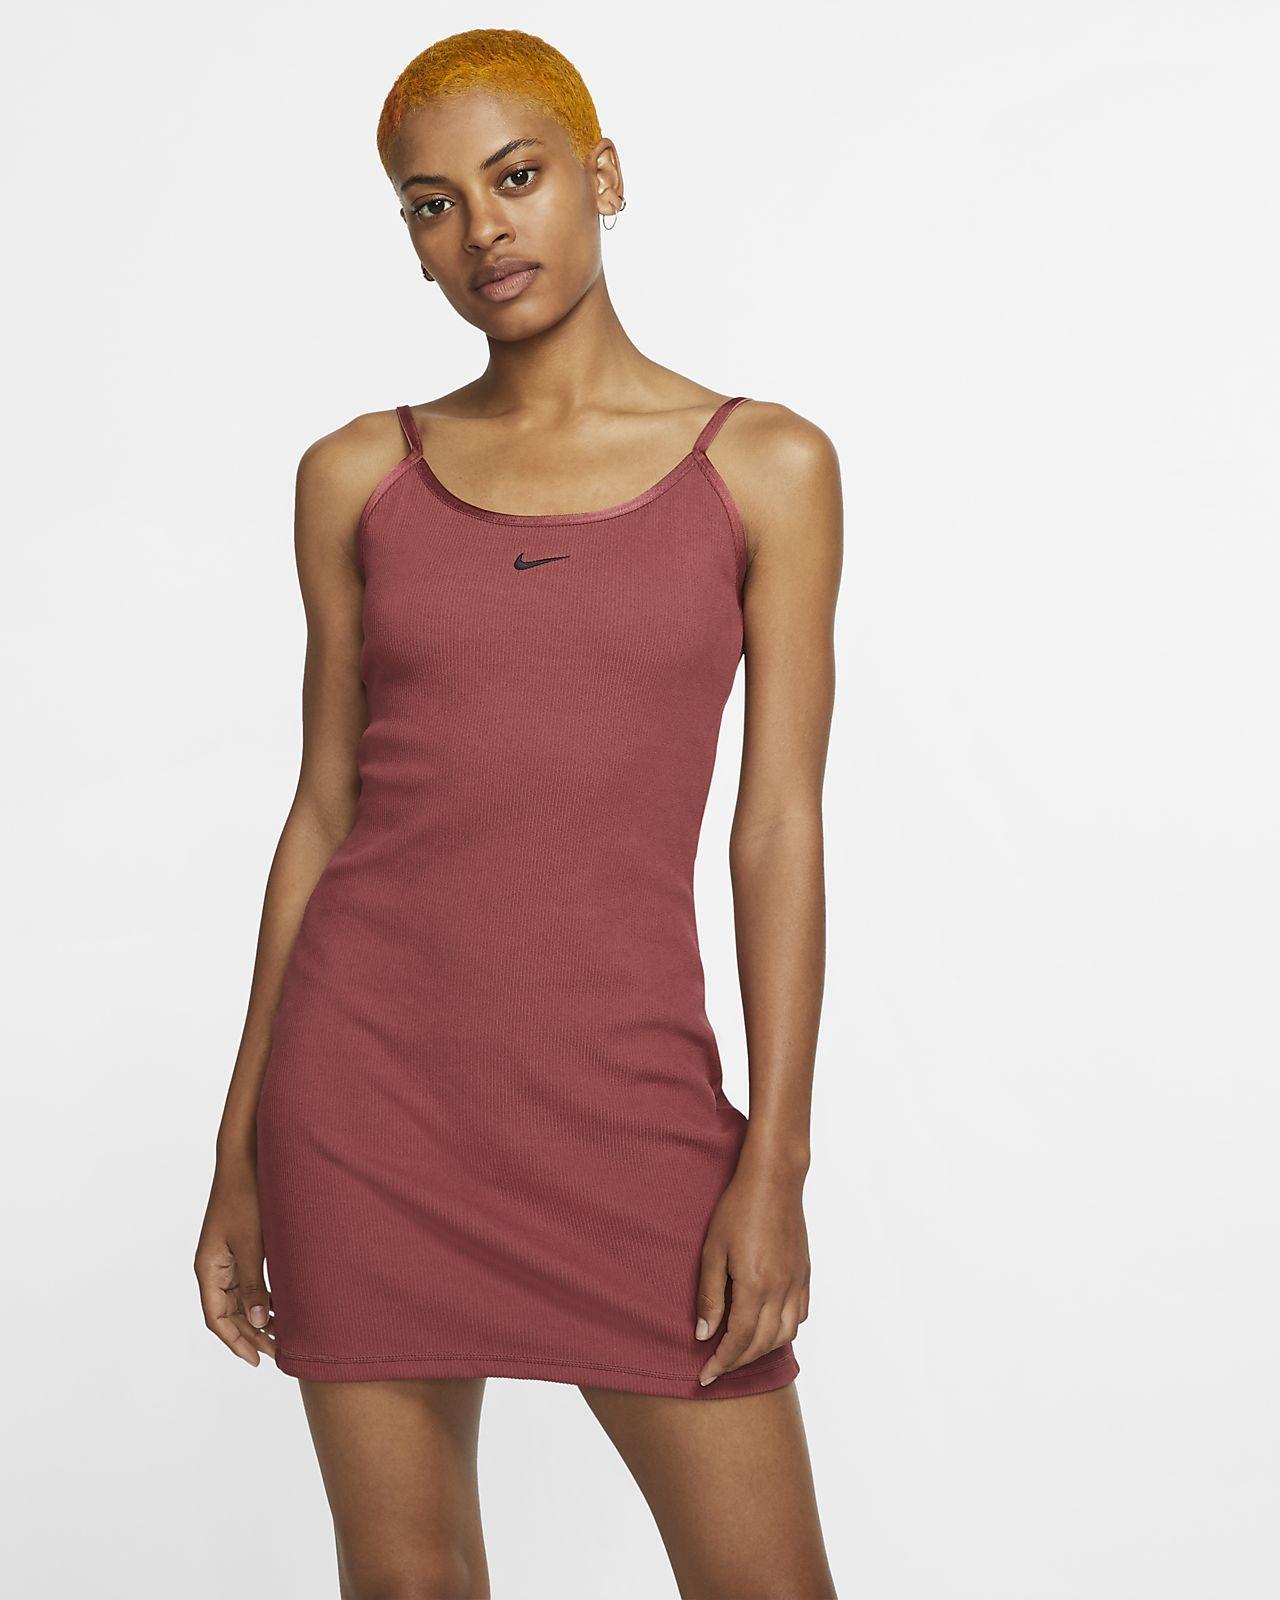 Nike Sportwear Nike Sportswear Women Dresses Sportswear